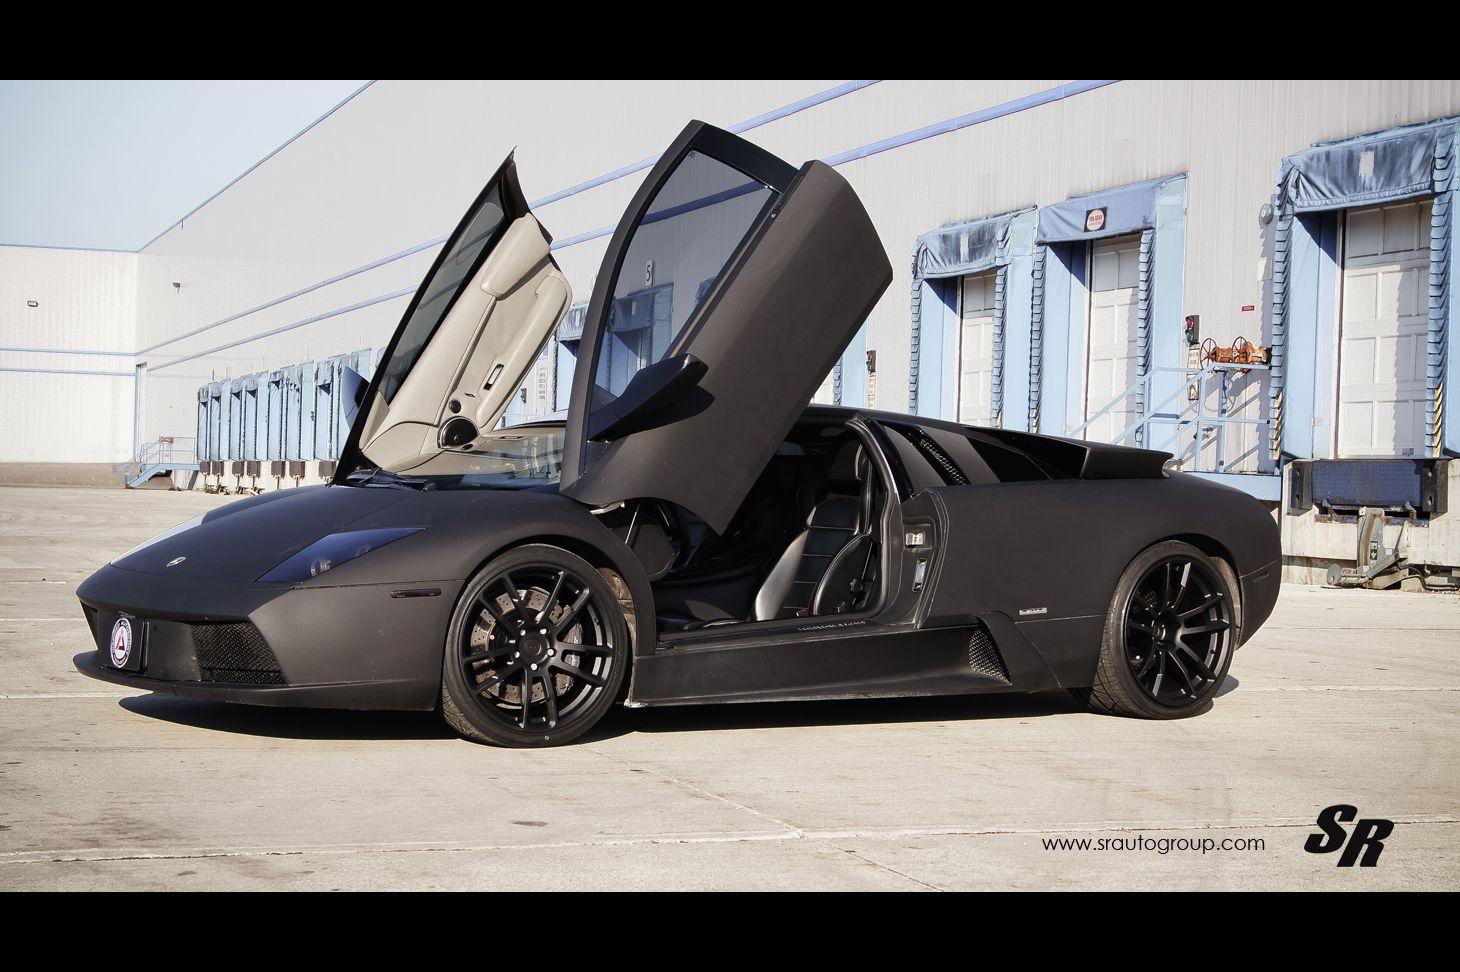 Murcielago Lamborghini All About Cars Matte Black Cars